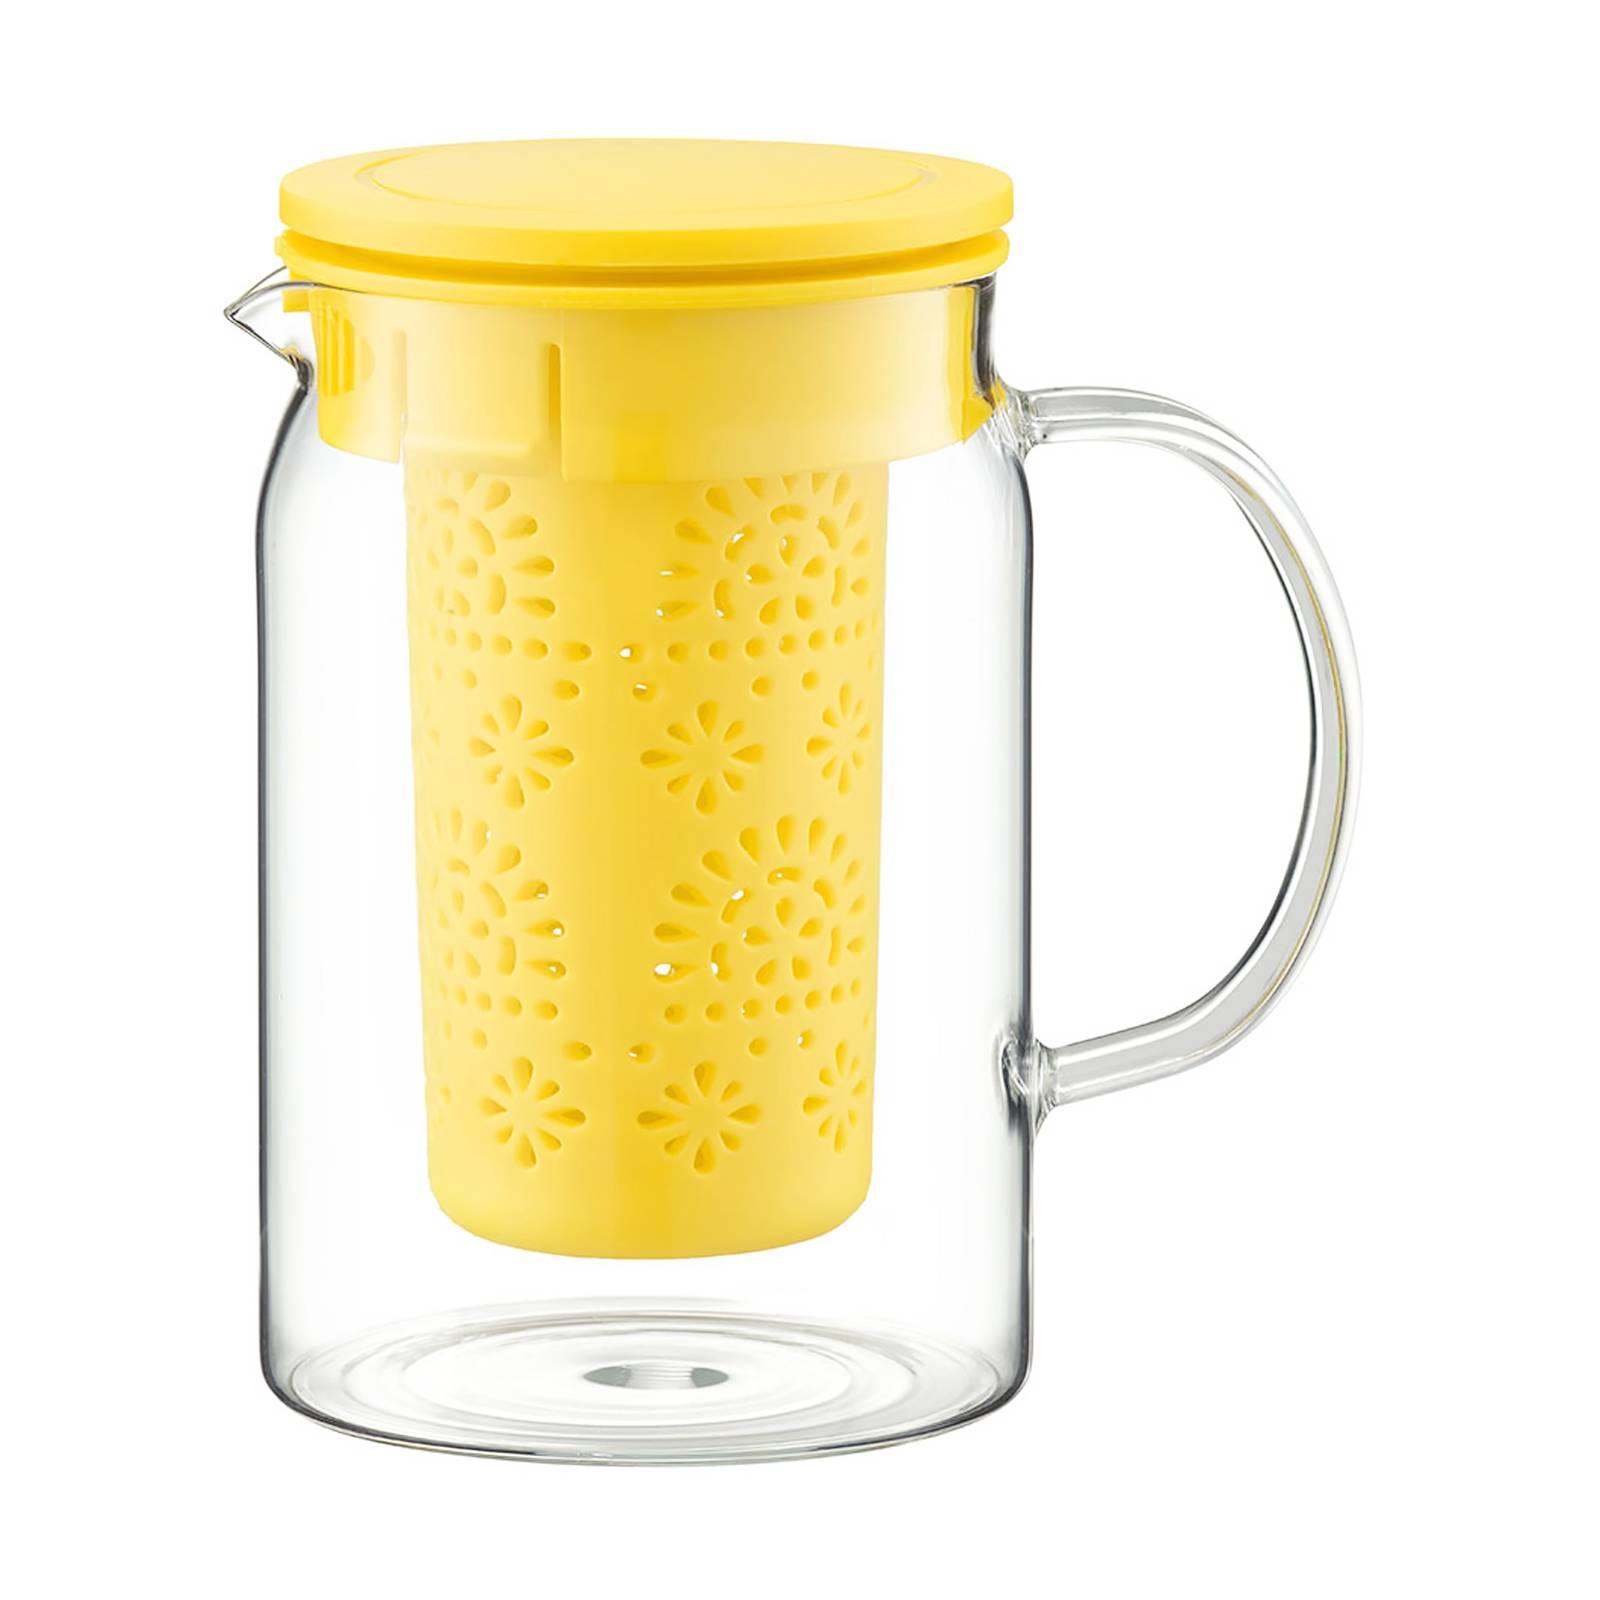 Krug mit Teesieb und Deckel Nordic gelb 1000 ml AMBITION